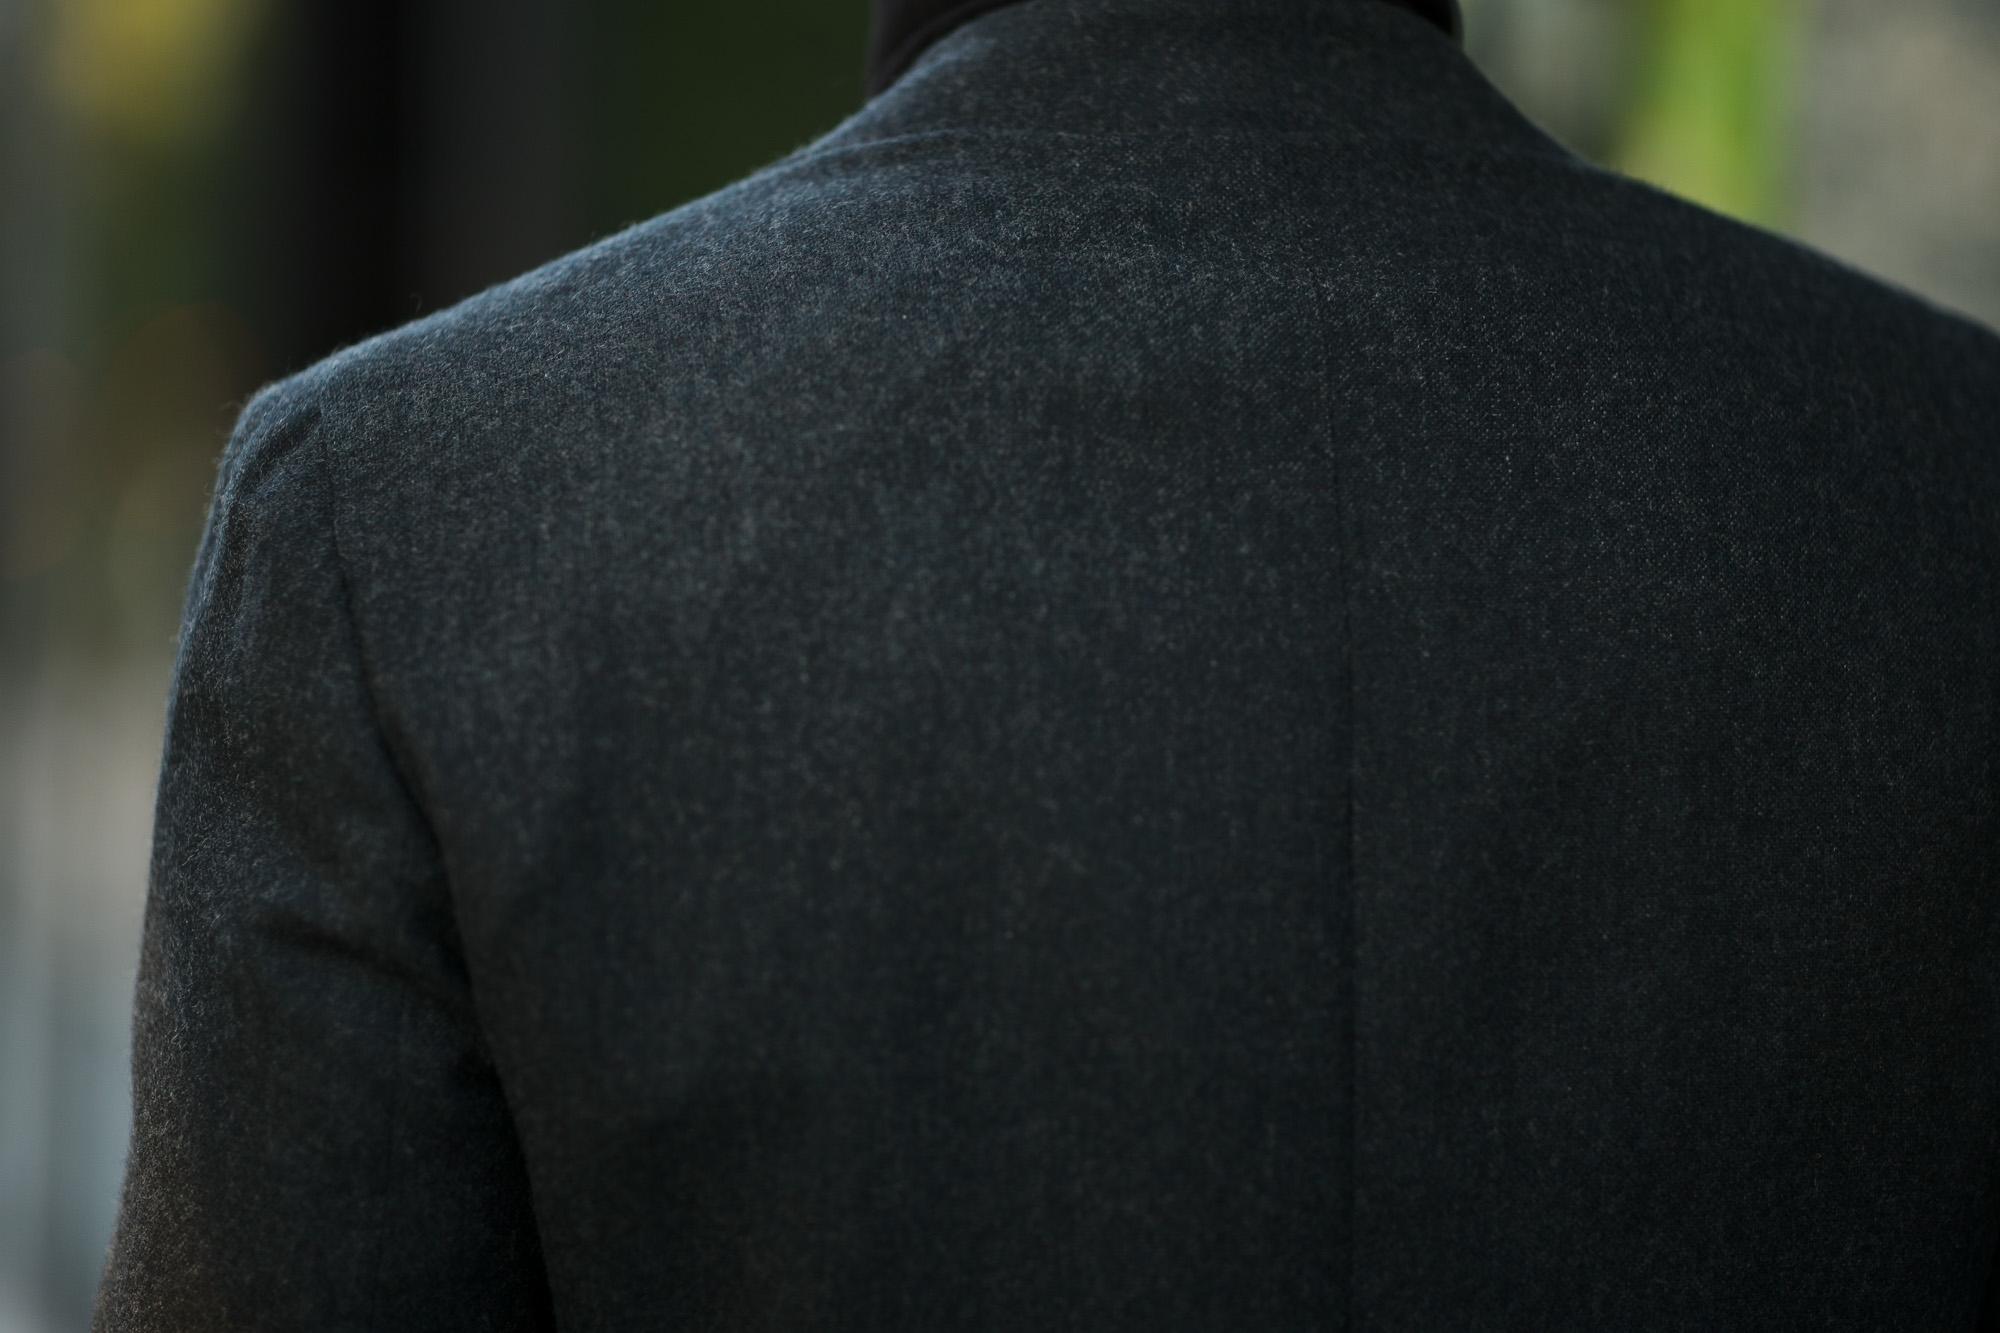 De Petrillo(デ ペトリロ) NAPOLI Posillipo (ナポリ ポジリポ) カシミア モールスキン 段返り3B ジャケット DARK OLIVE(ダークオリーブ・197) Made in italy (イタリア製) 2020 秋冬 【ご予約受付中】 愛知 名古屋 altoediritto アルトエデリット カシミヤジャケット カシミアジャケット